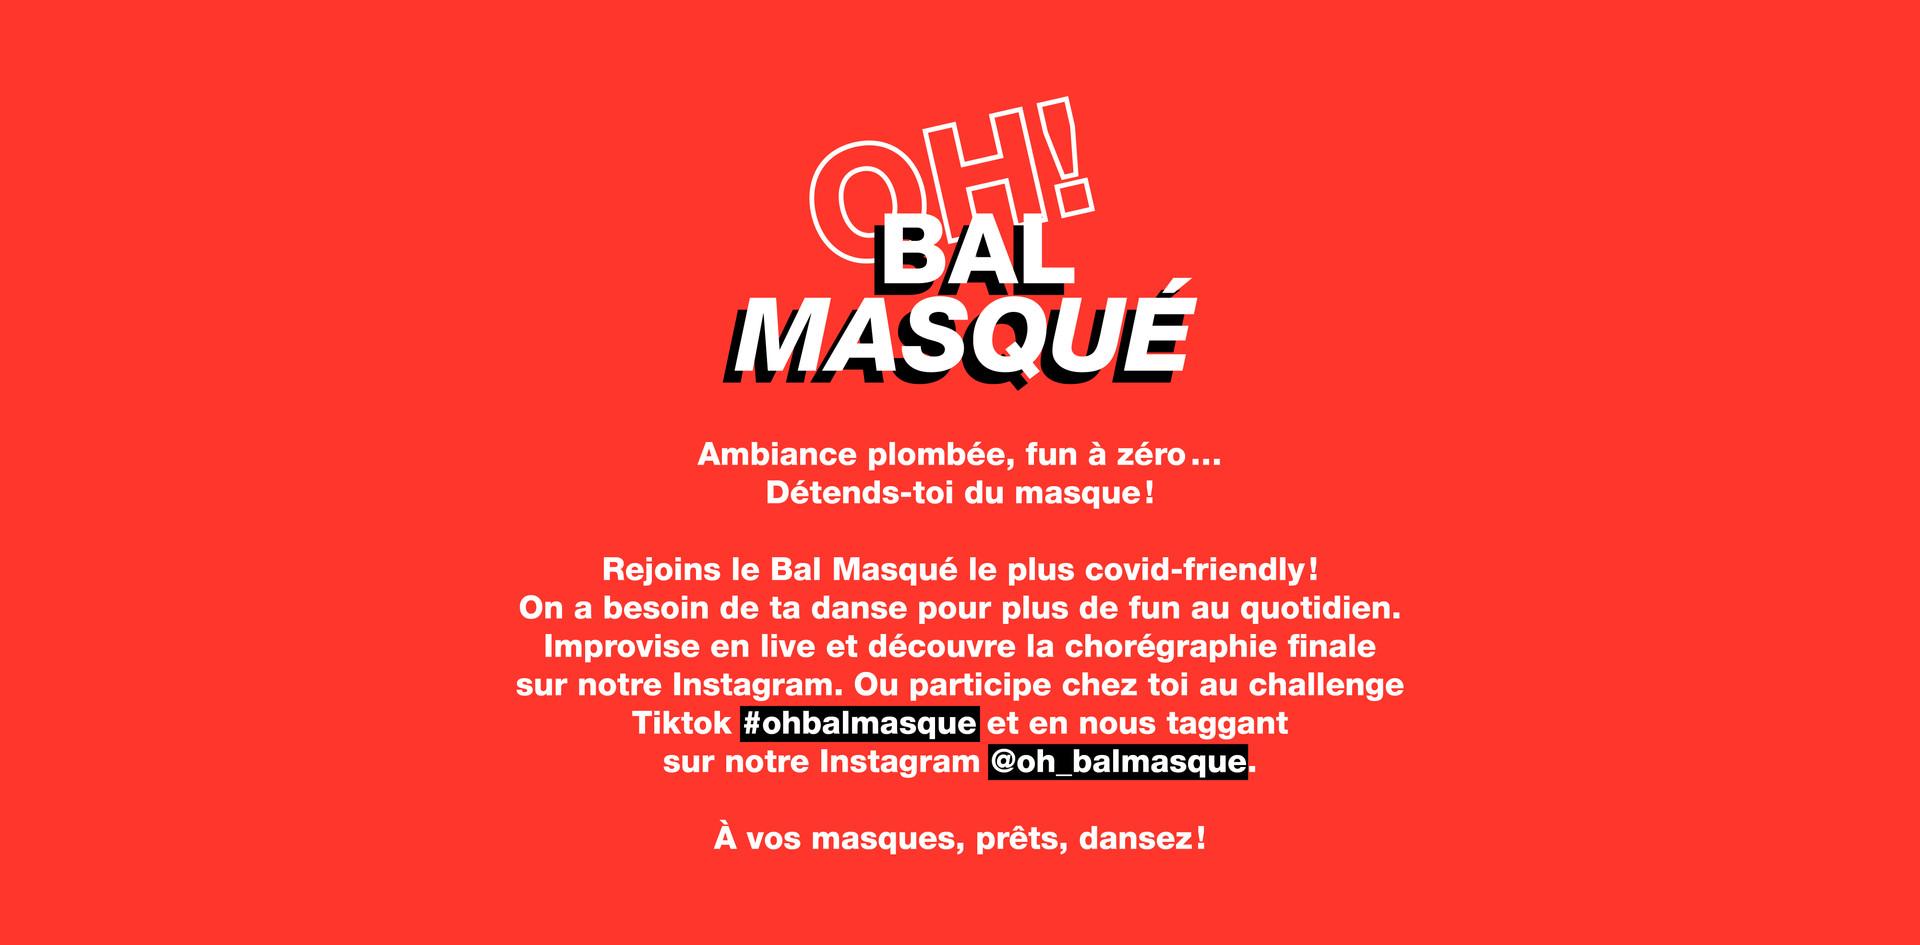 Oh bal masqué